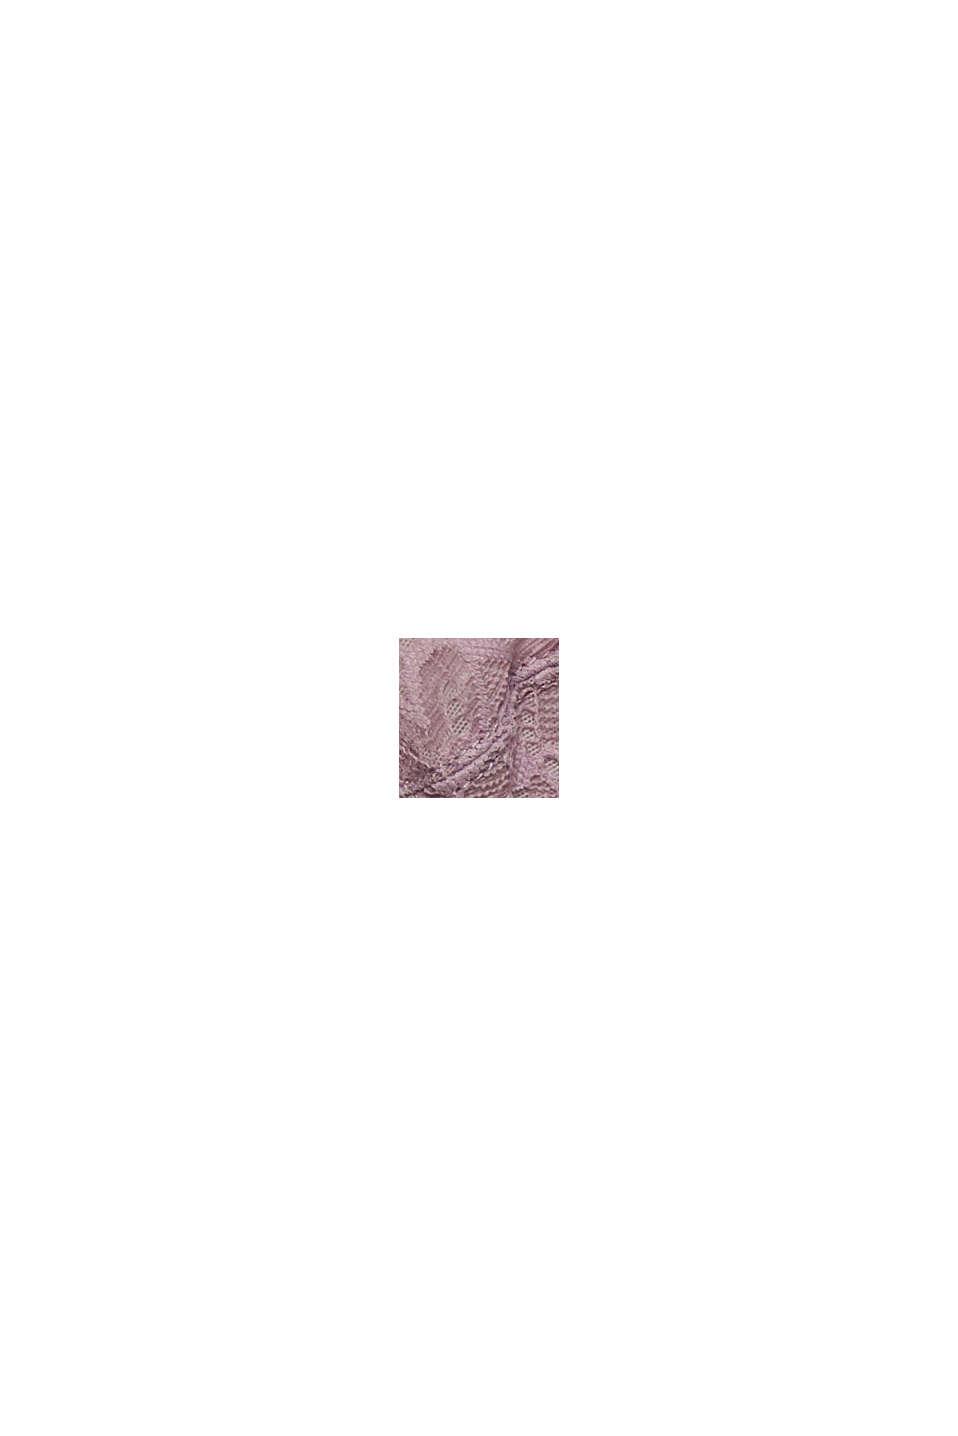 Genanvendte materialer: upolstret bøjle-bh med blonder, LAVENDER, swatch